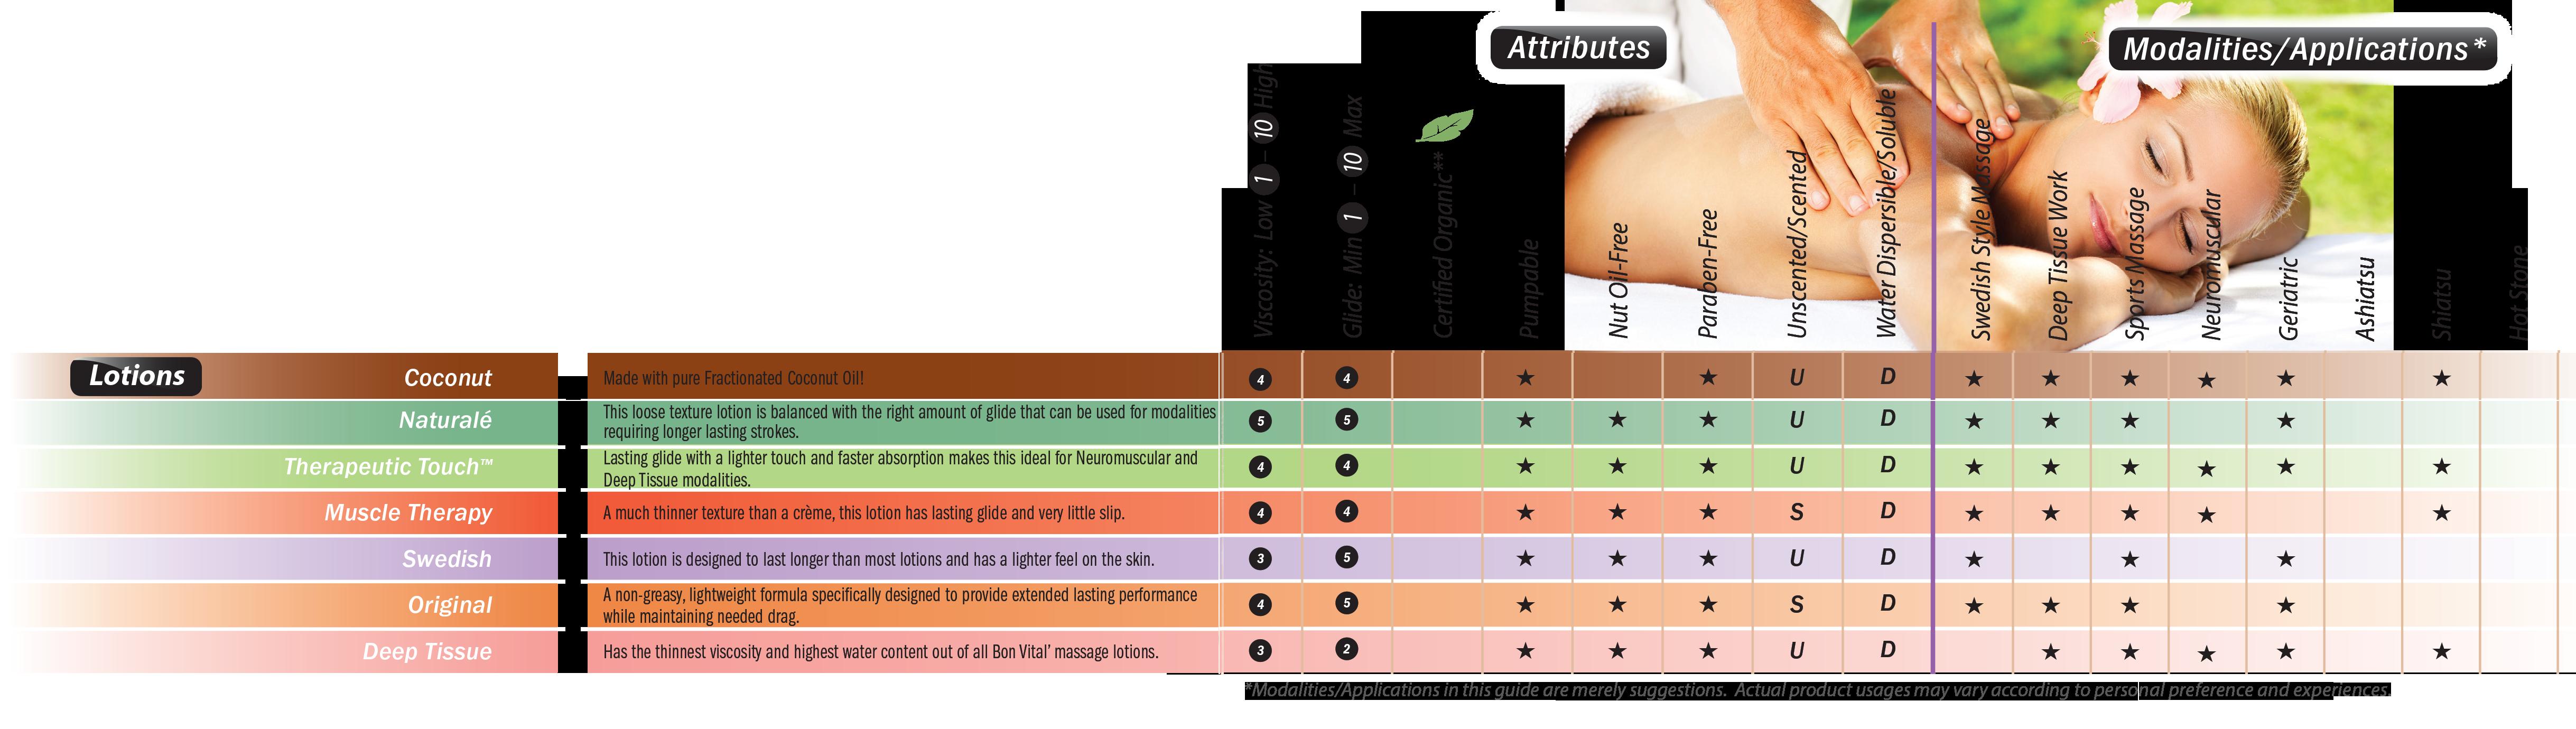 Bon vital lotions modality guide